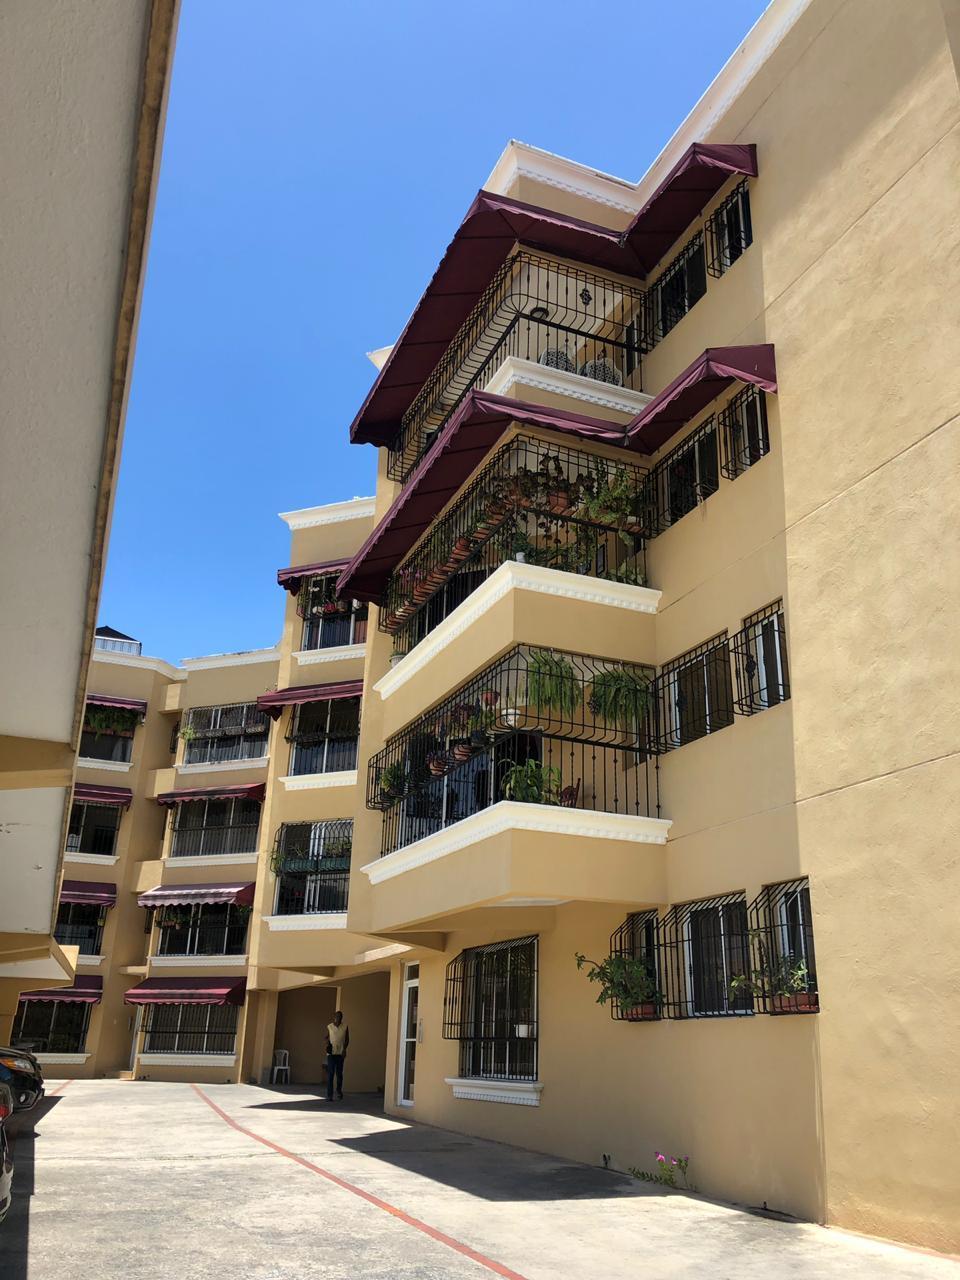 Apartamento en venta en el sector EL MILLÓN precio RD$ 6,380,000.00 RD$6,380,000